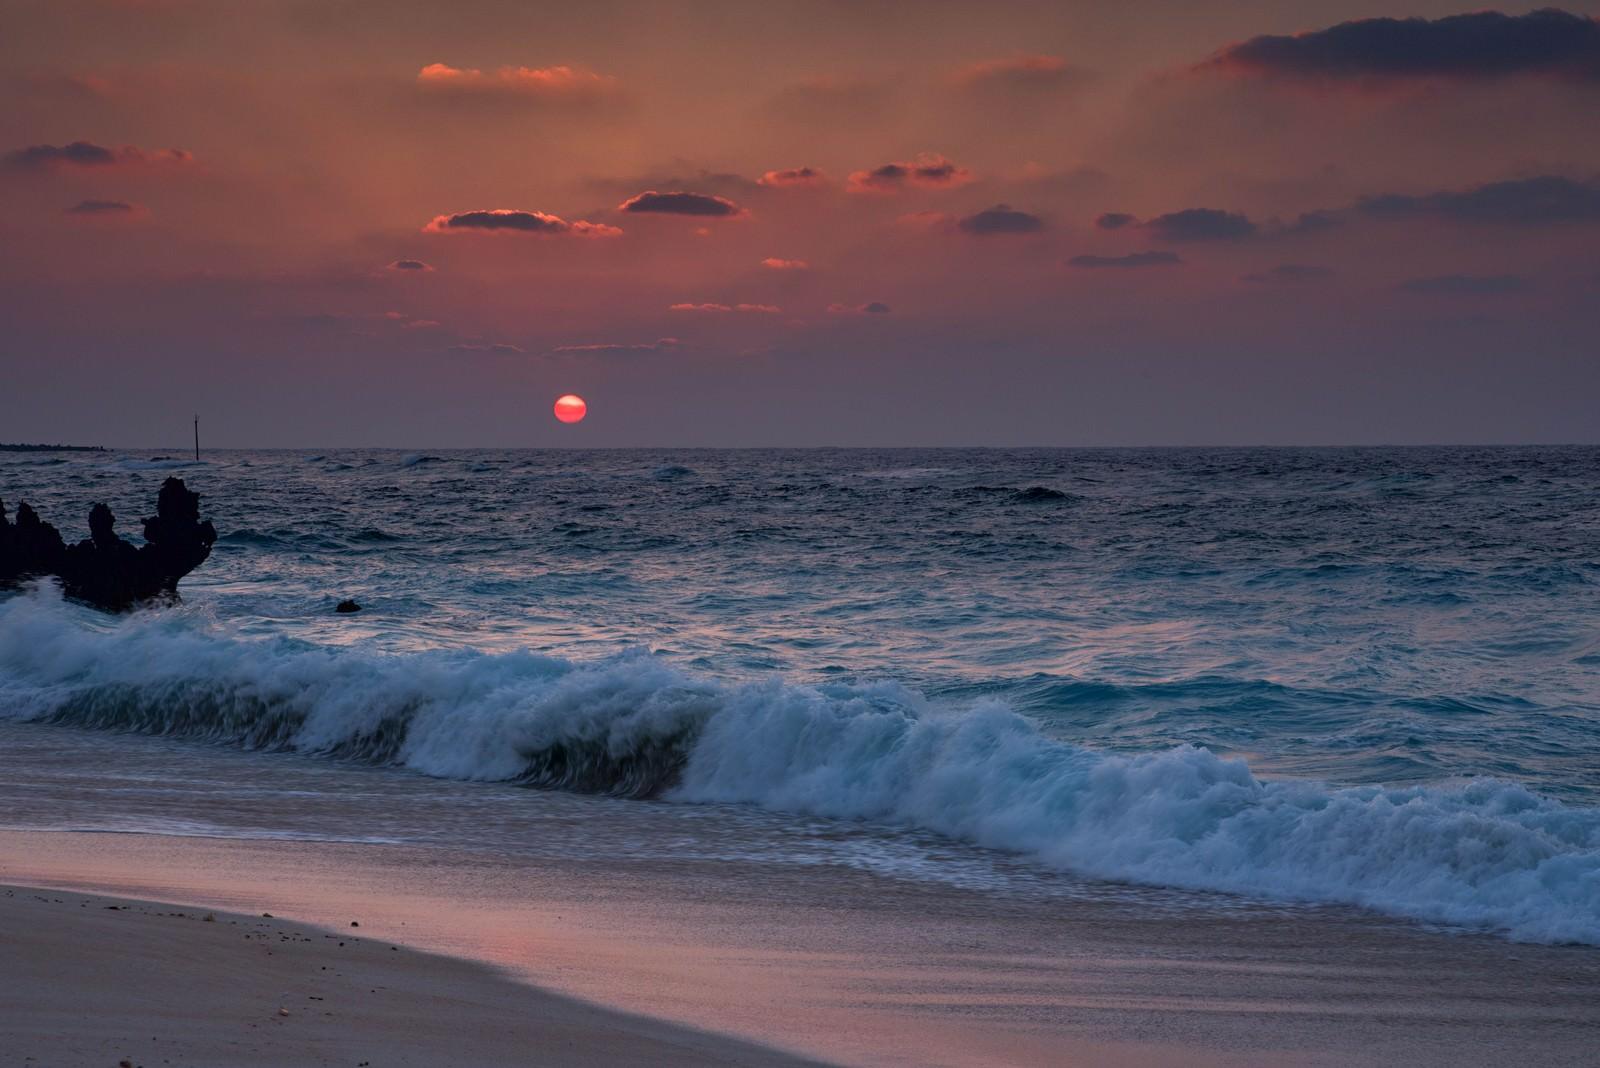 「夕焼けと与論島の海と砂浜夕焼けと与論島の海と砂浜」のフリー写真素材を拡大